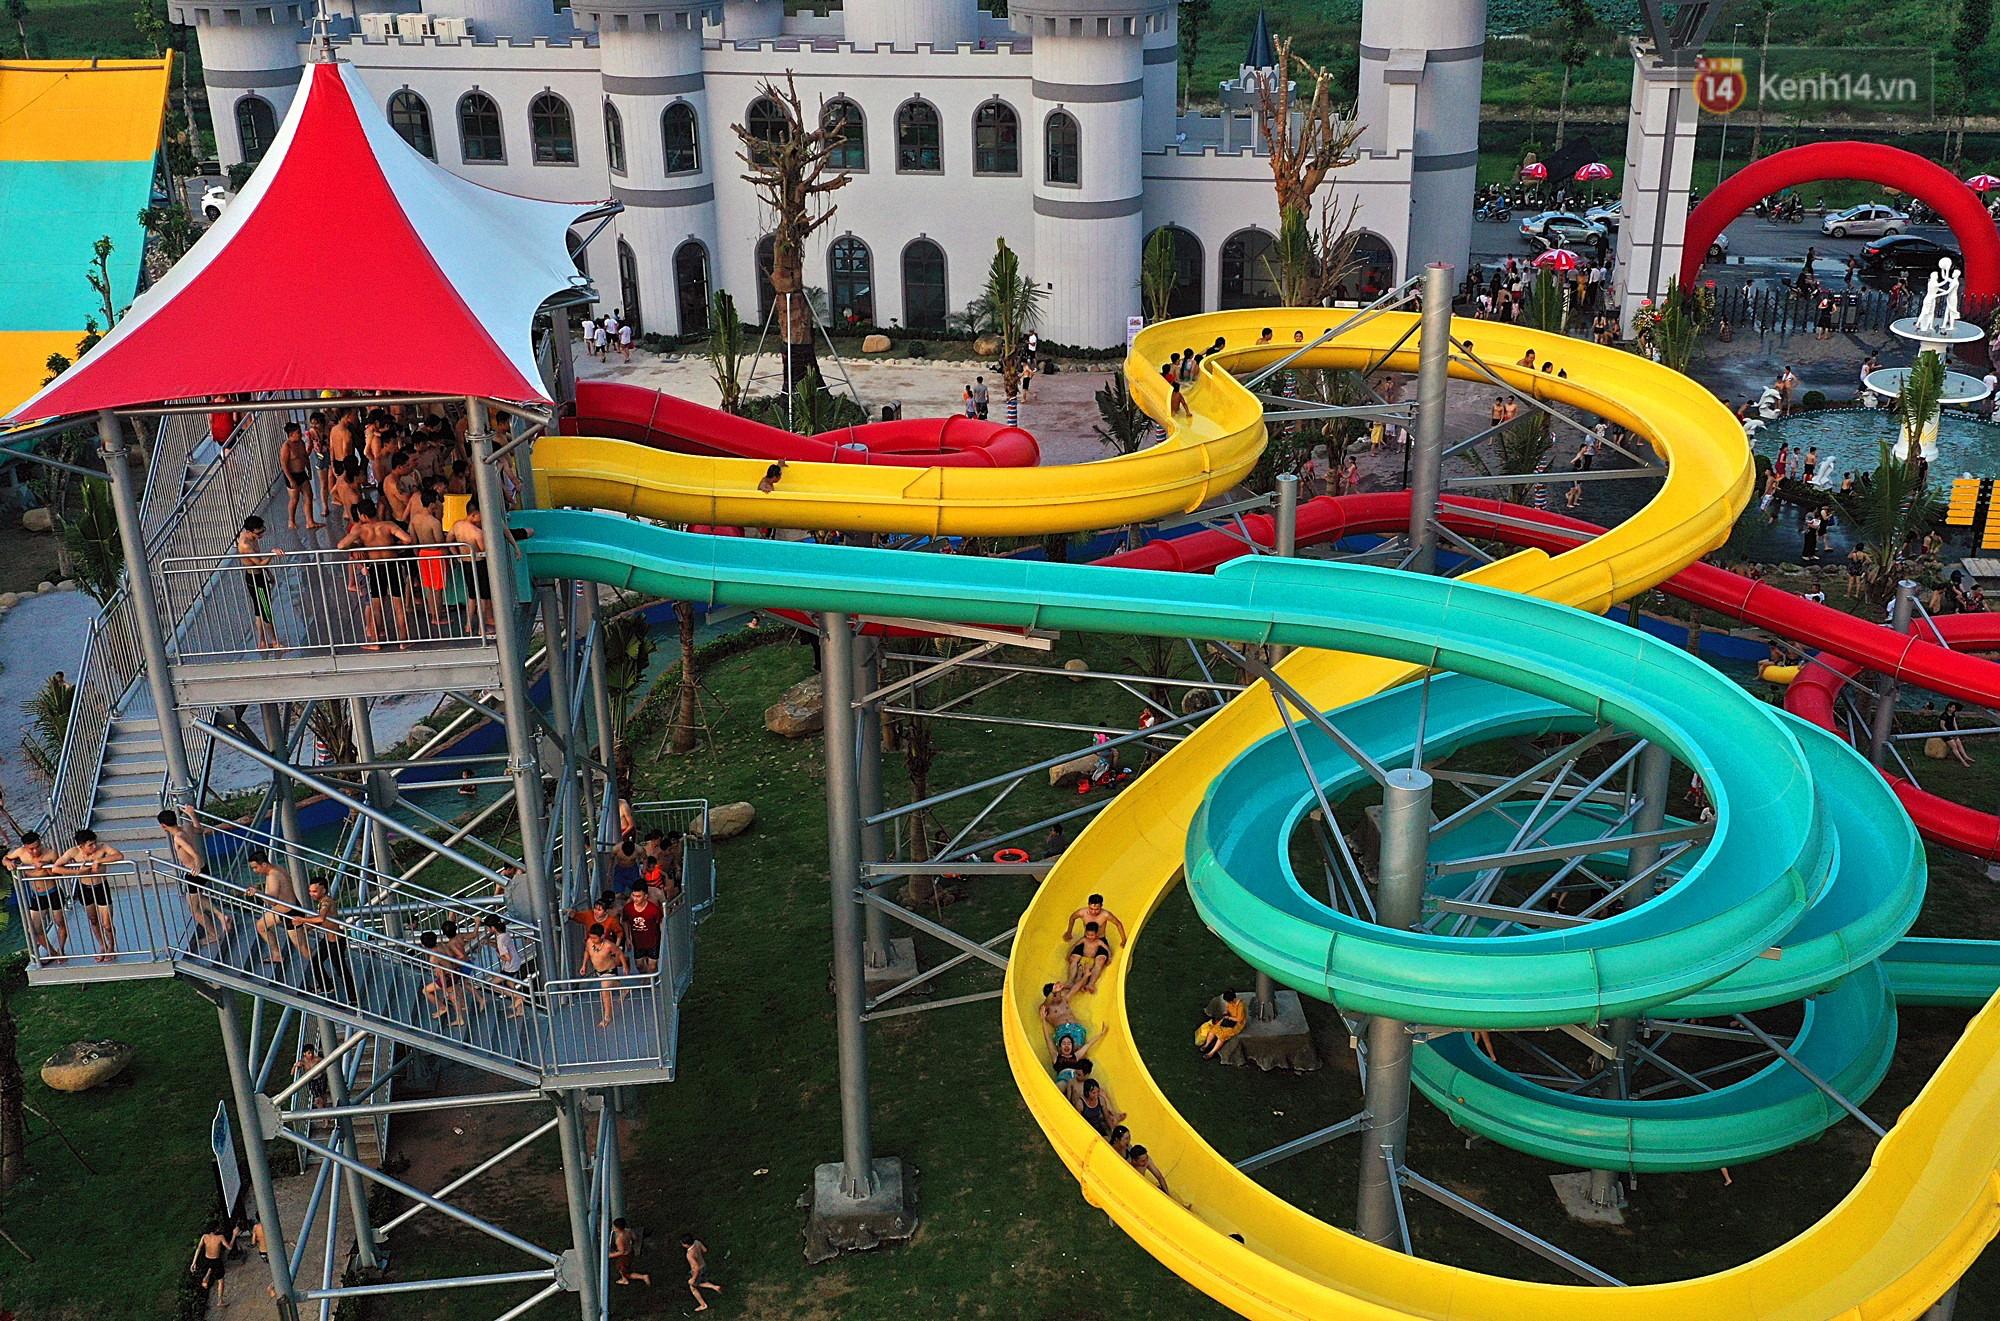 Lượng khách đổ về công viên nước hiện đại nhất Thủ đô tăng đột biến vào buổi chiều ngày khai trương - Ảnh 12.